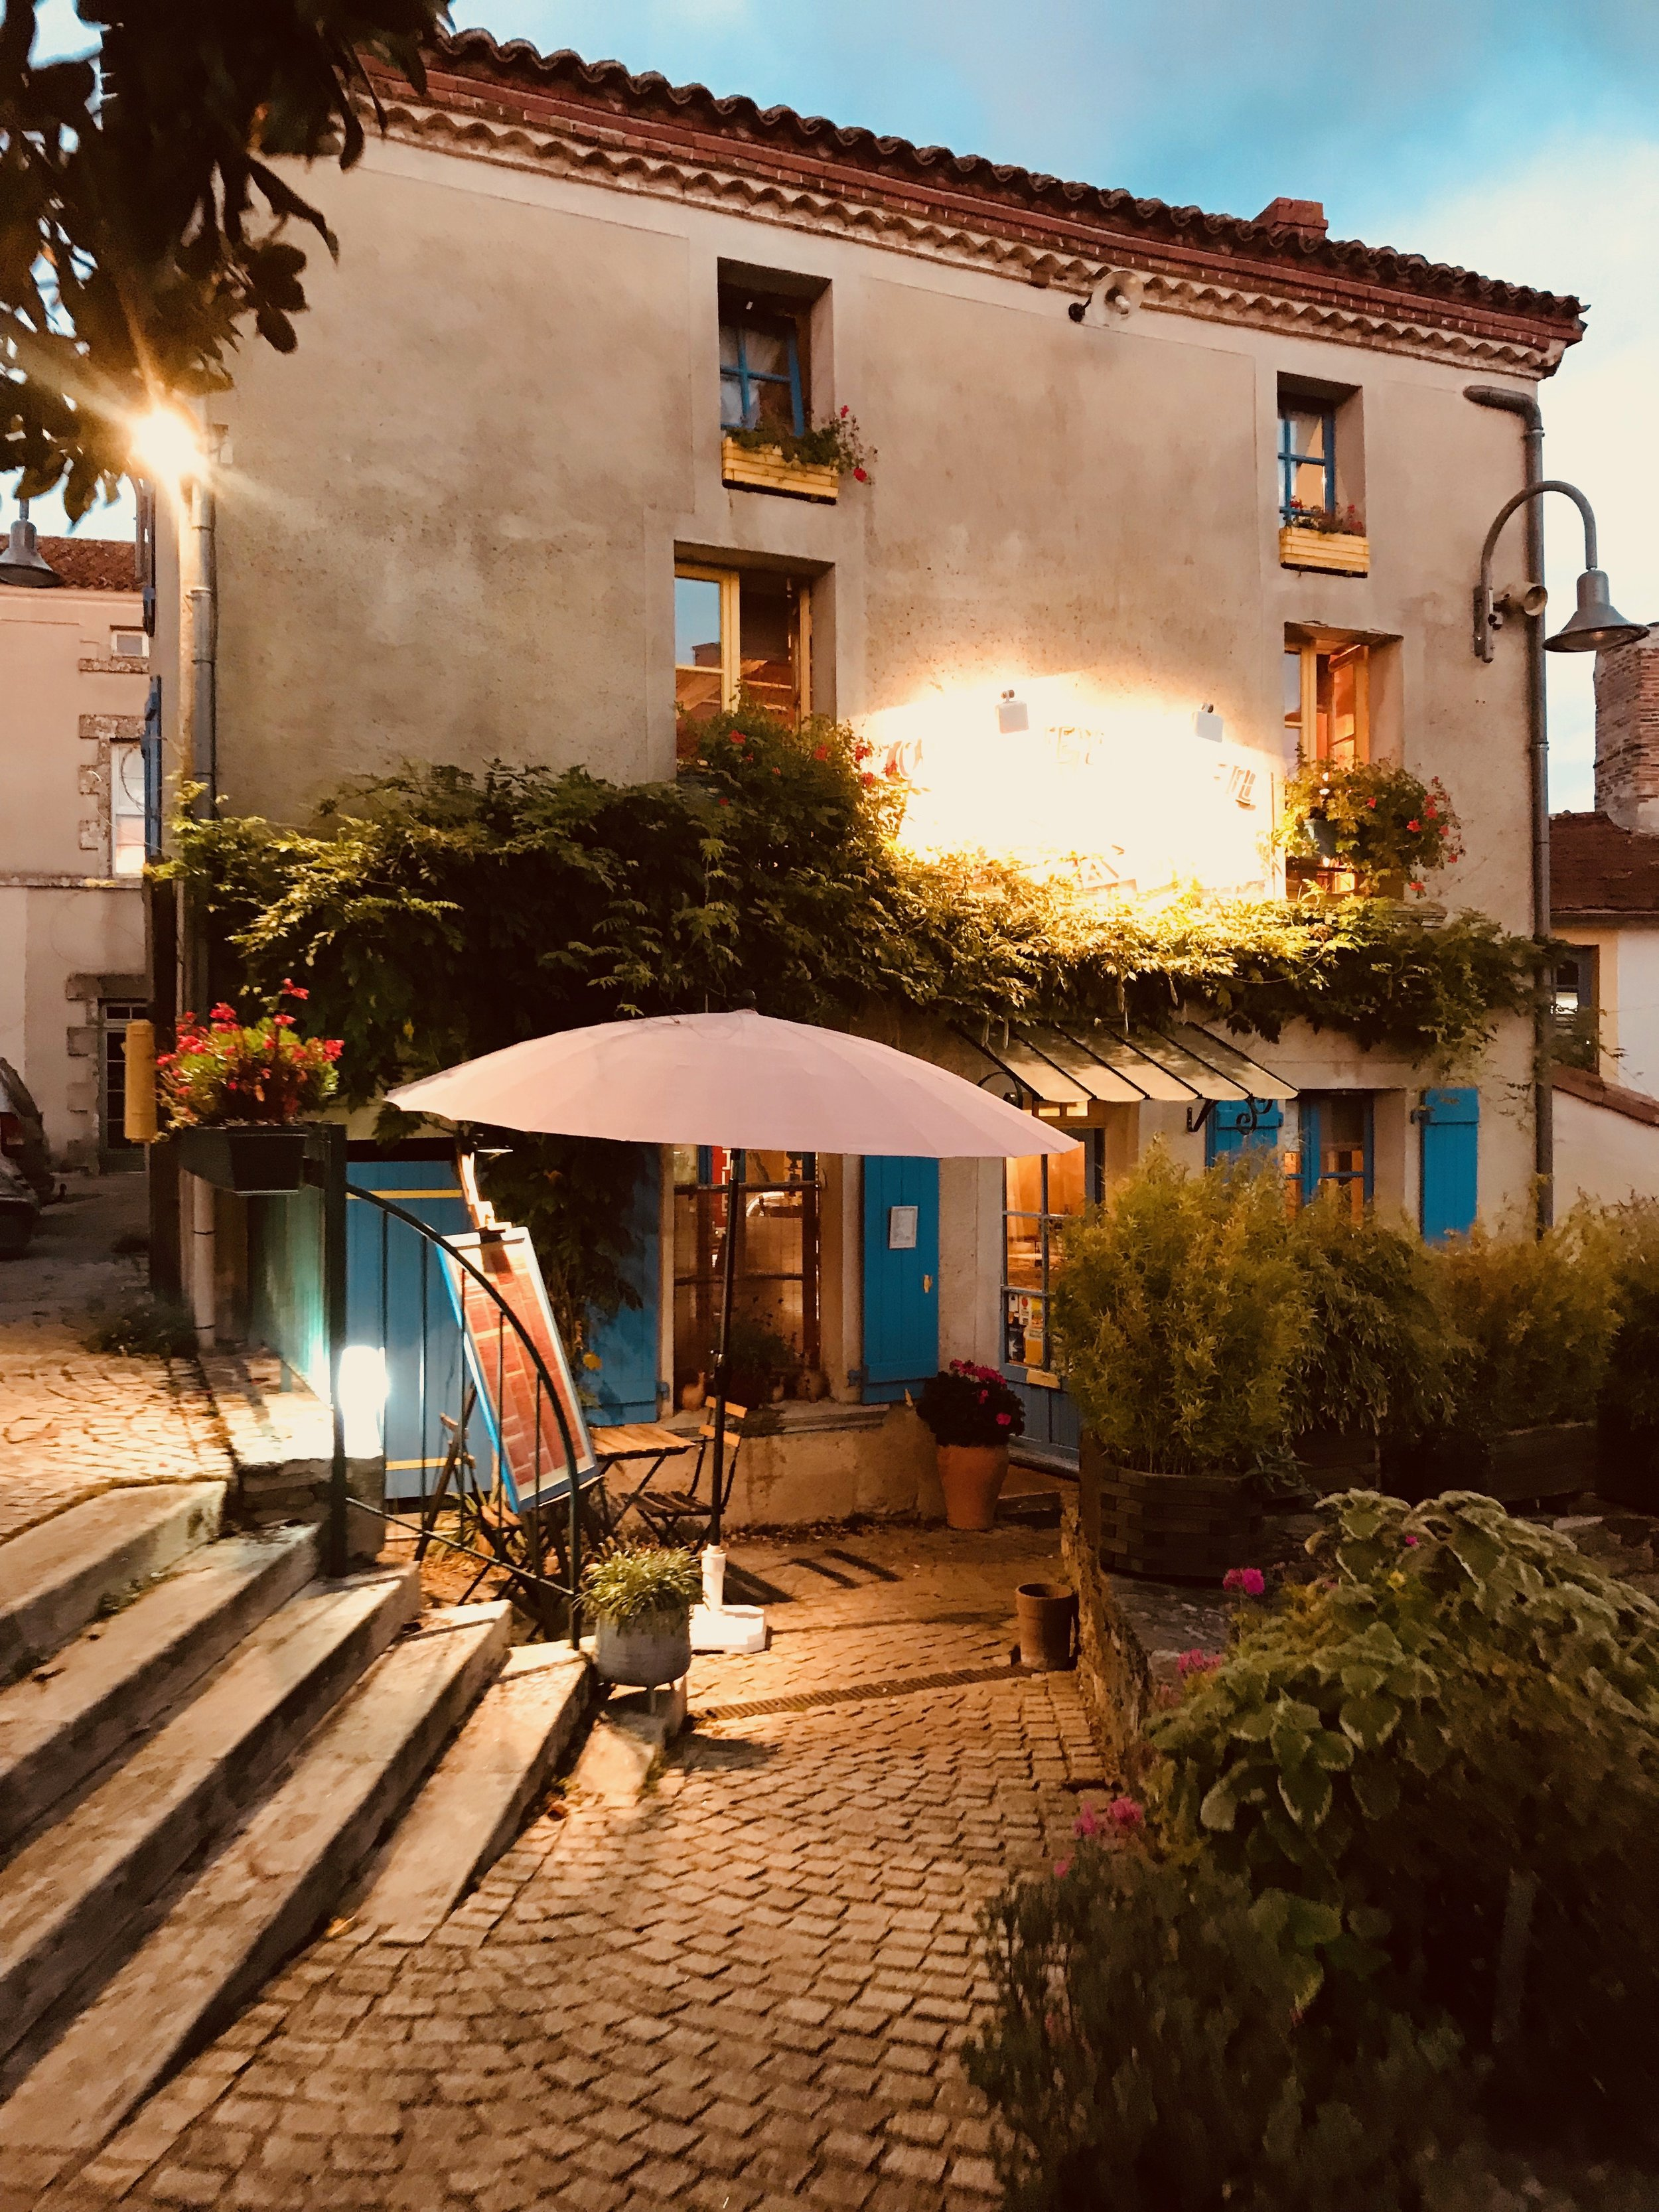 La Creperie du Soleil, Mouchamps, France